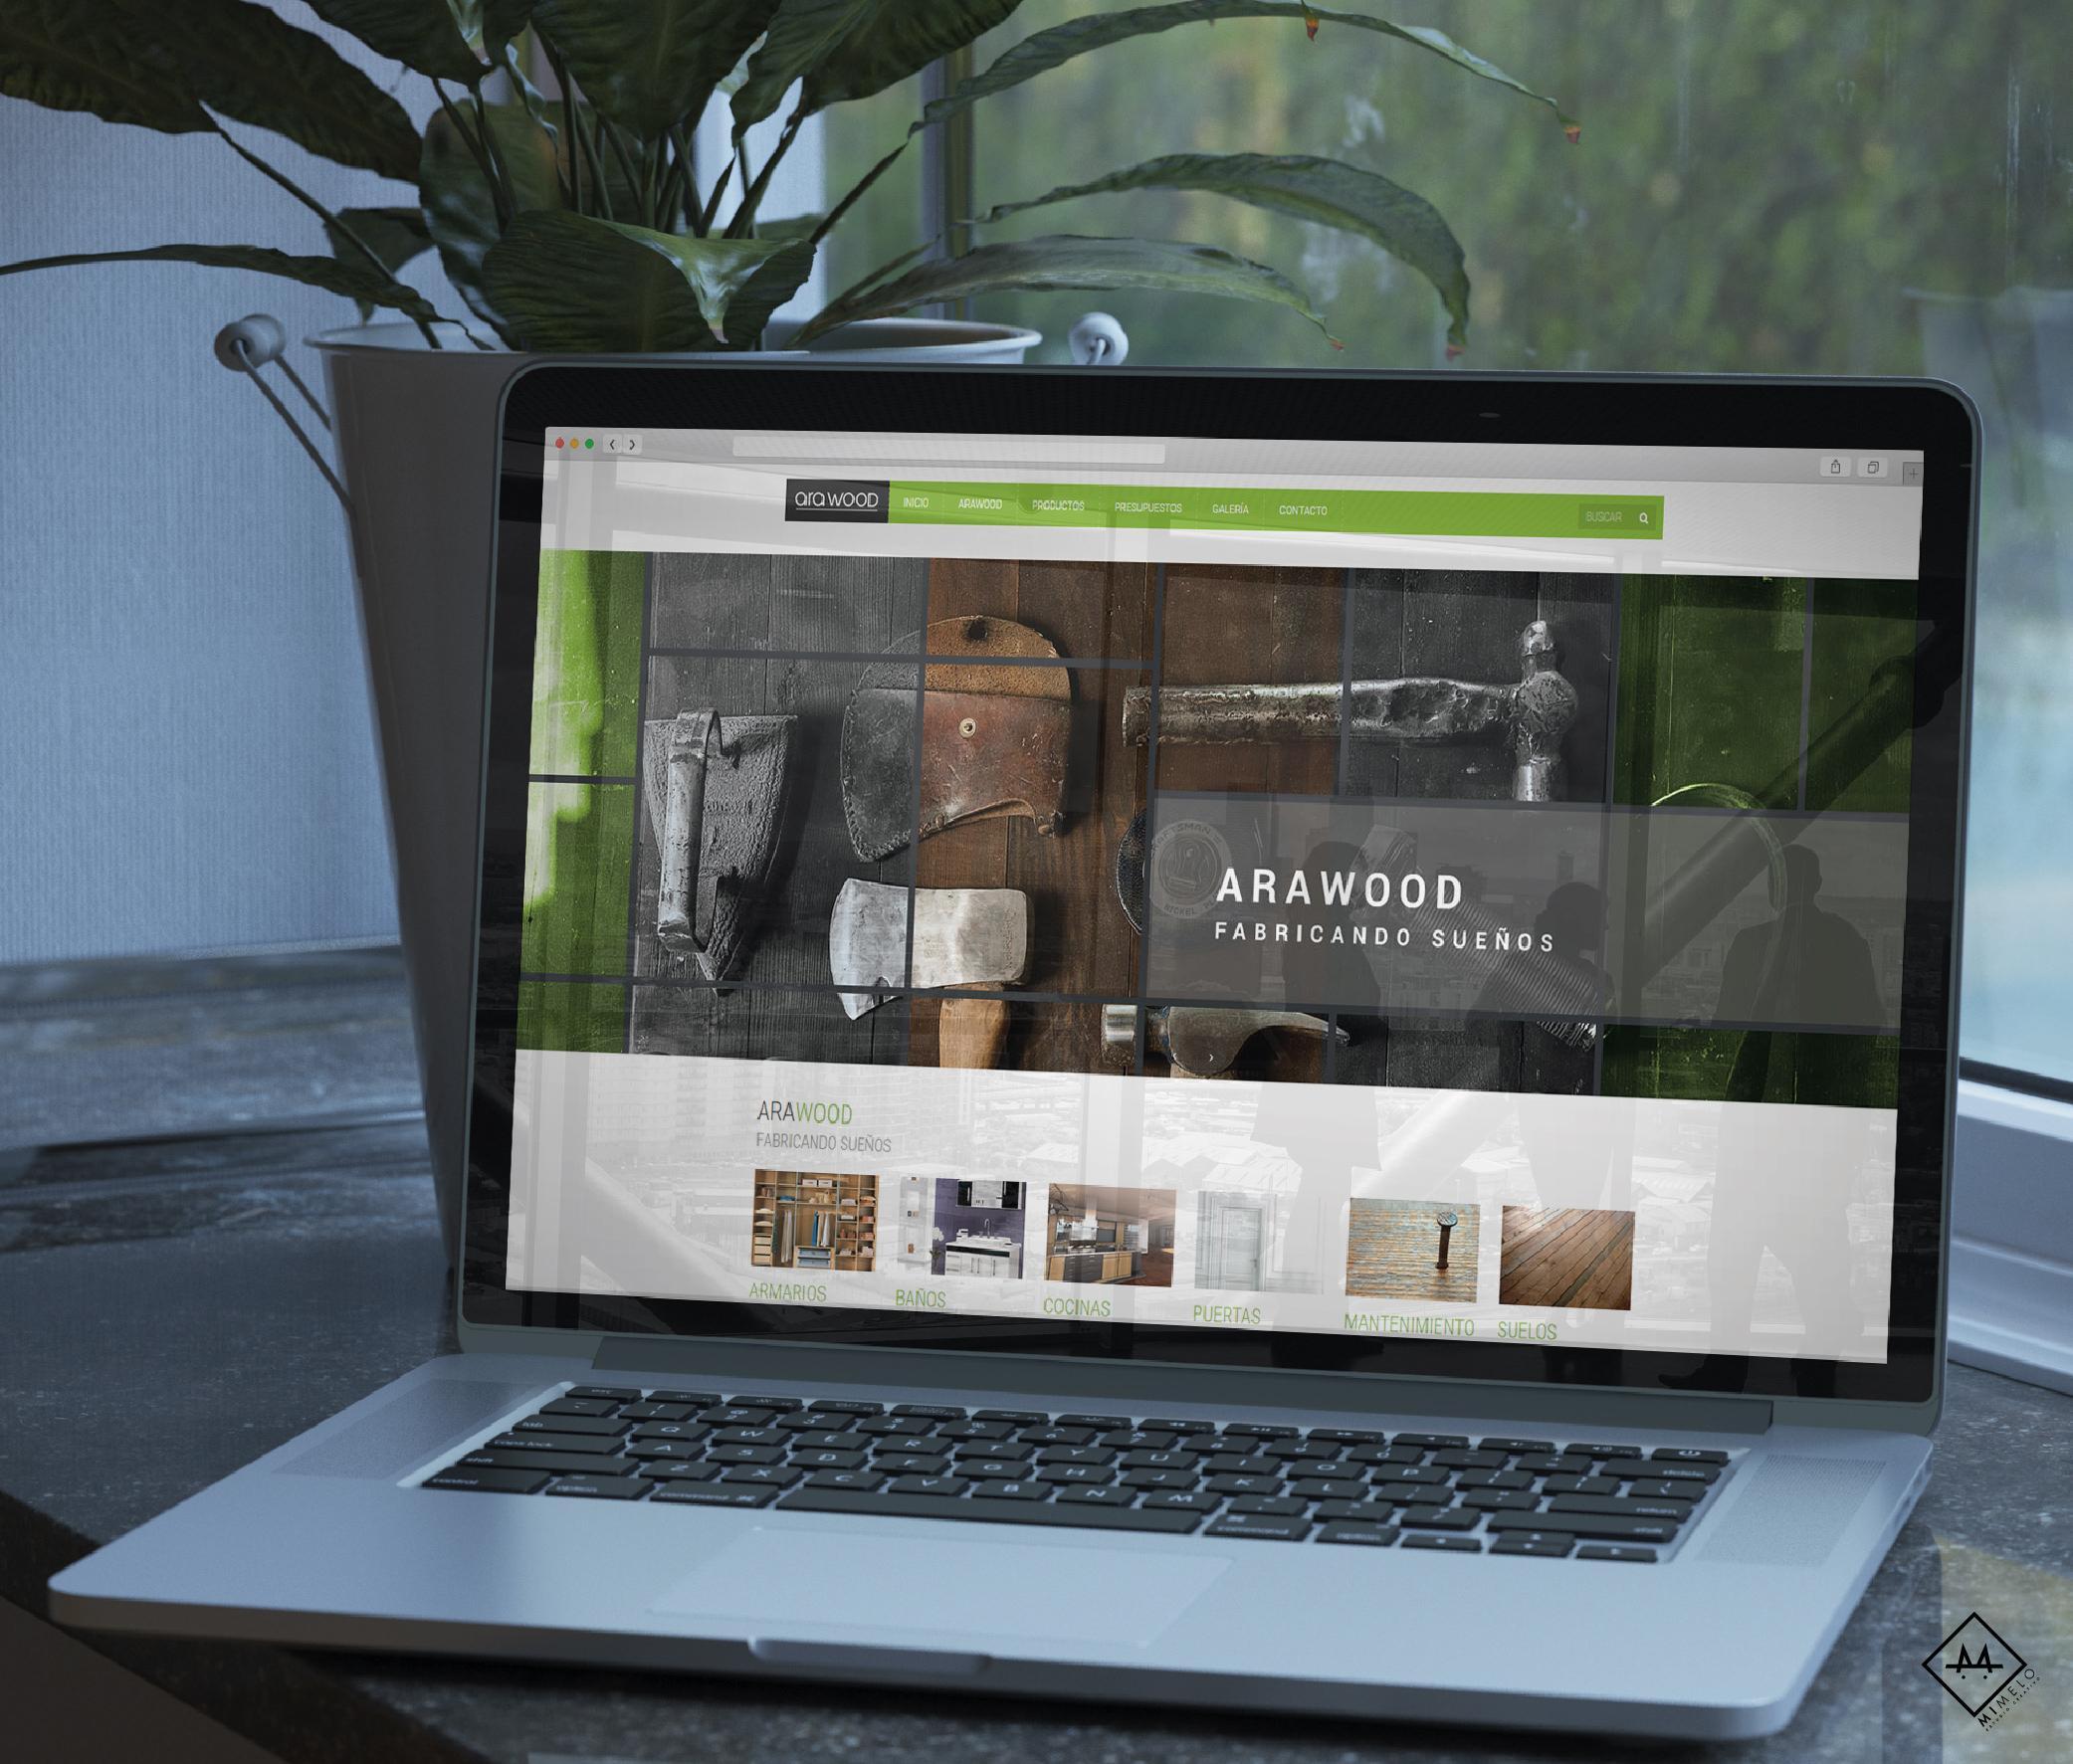 Arawood - Mimelo Estudio Creativo